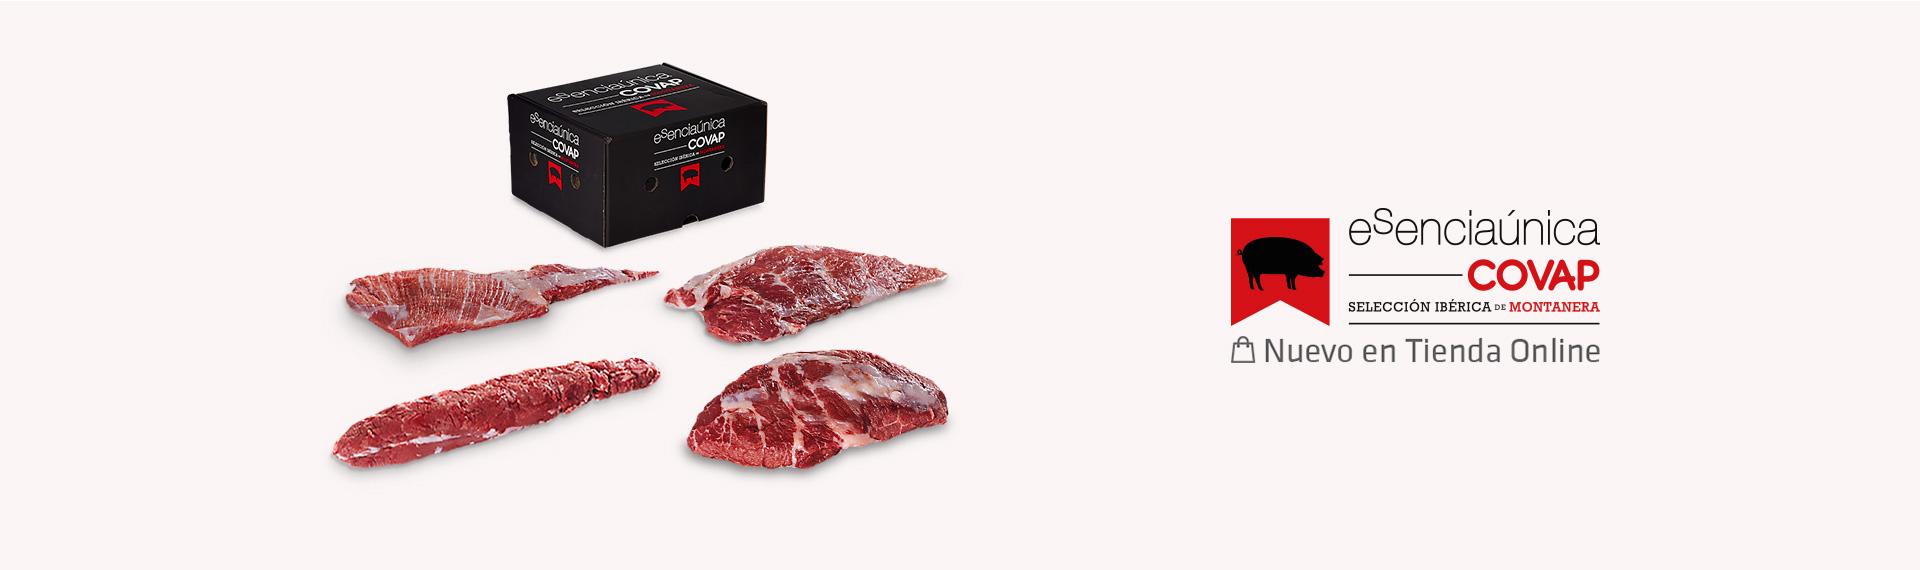 Carne fresca de bellota 100% ibérica de Montanera | Esenciaúnica COVAP